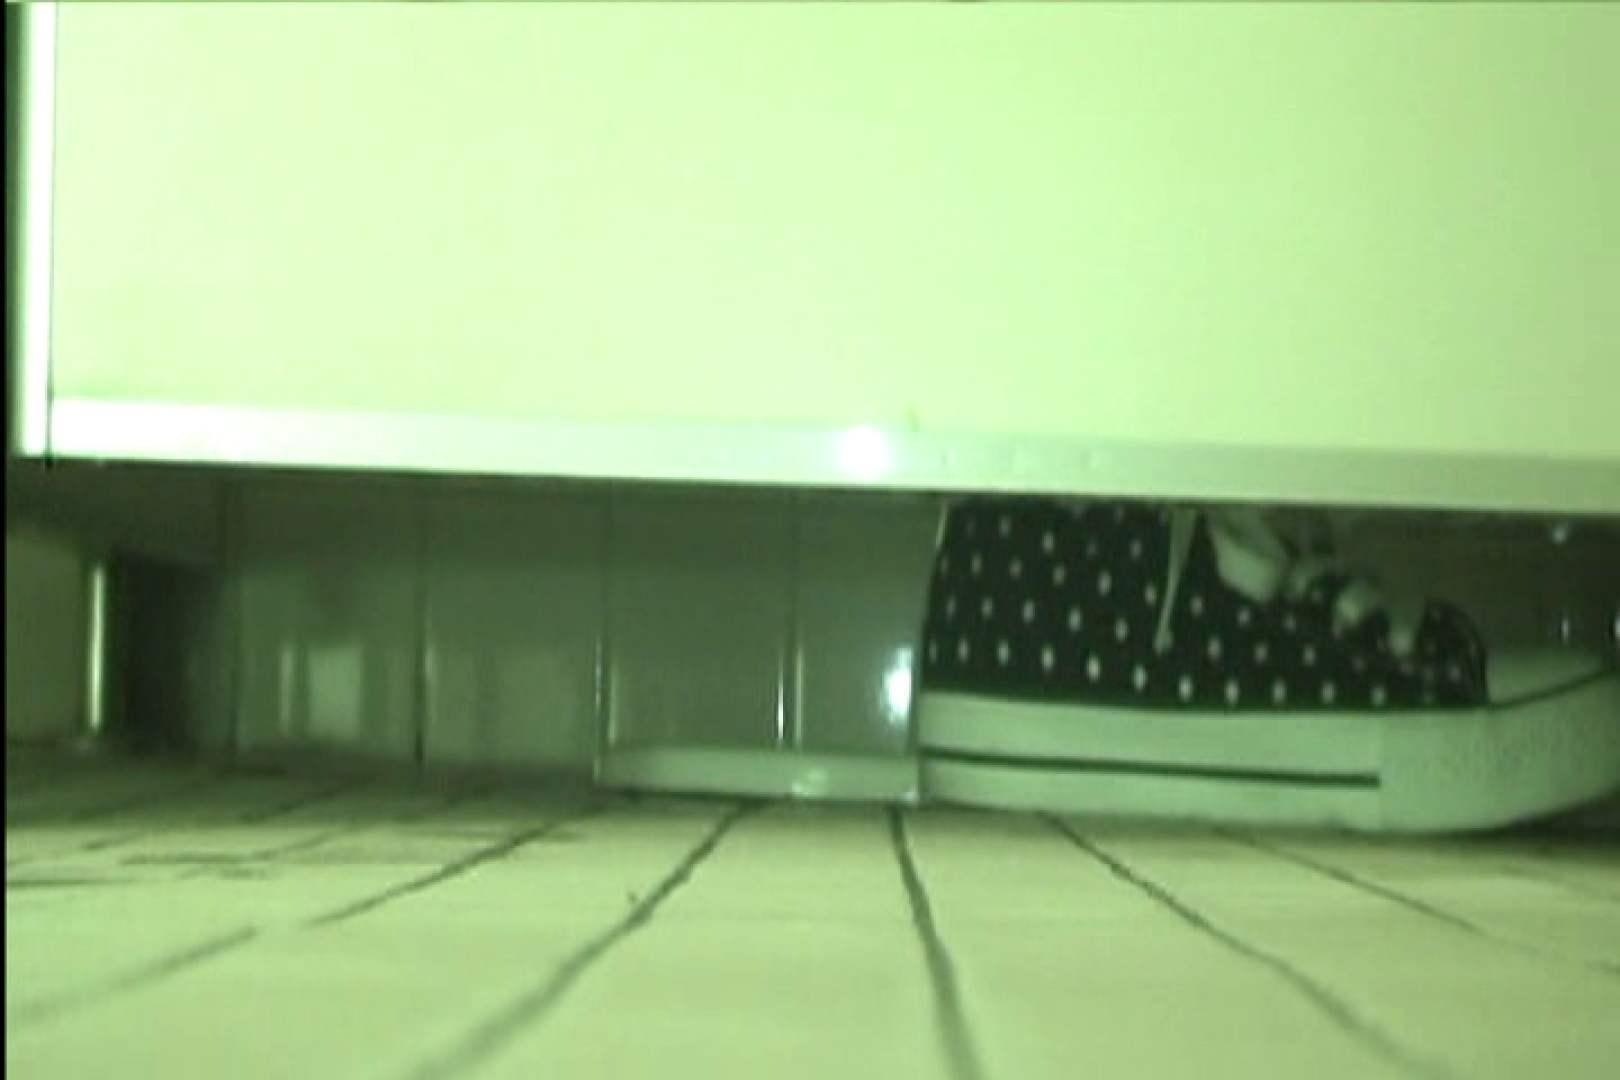 マンコ丸見え女子洗面所Vol.33 OLセックス のぞきエロ無料画像 50画像 2